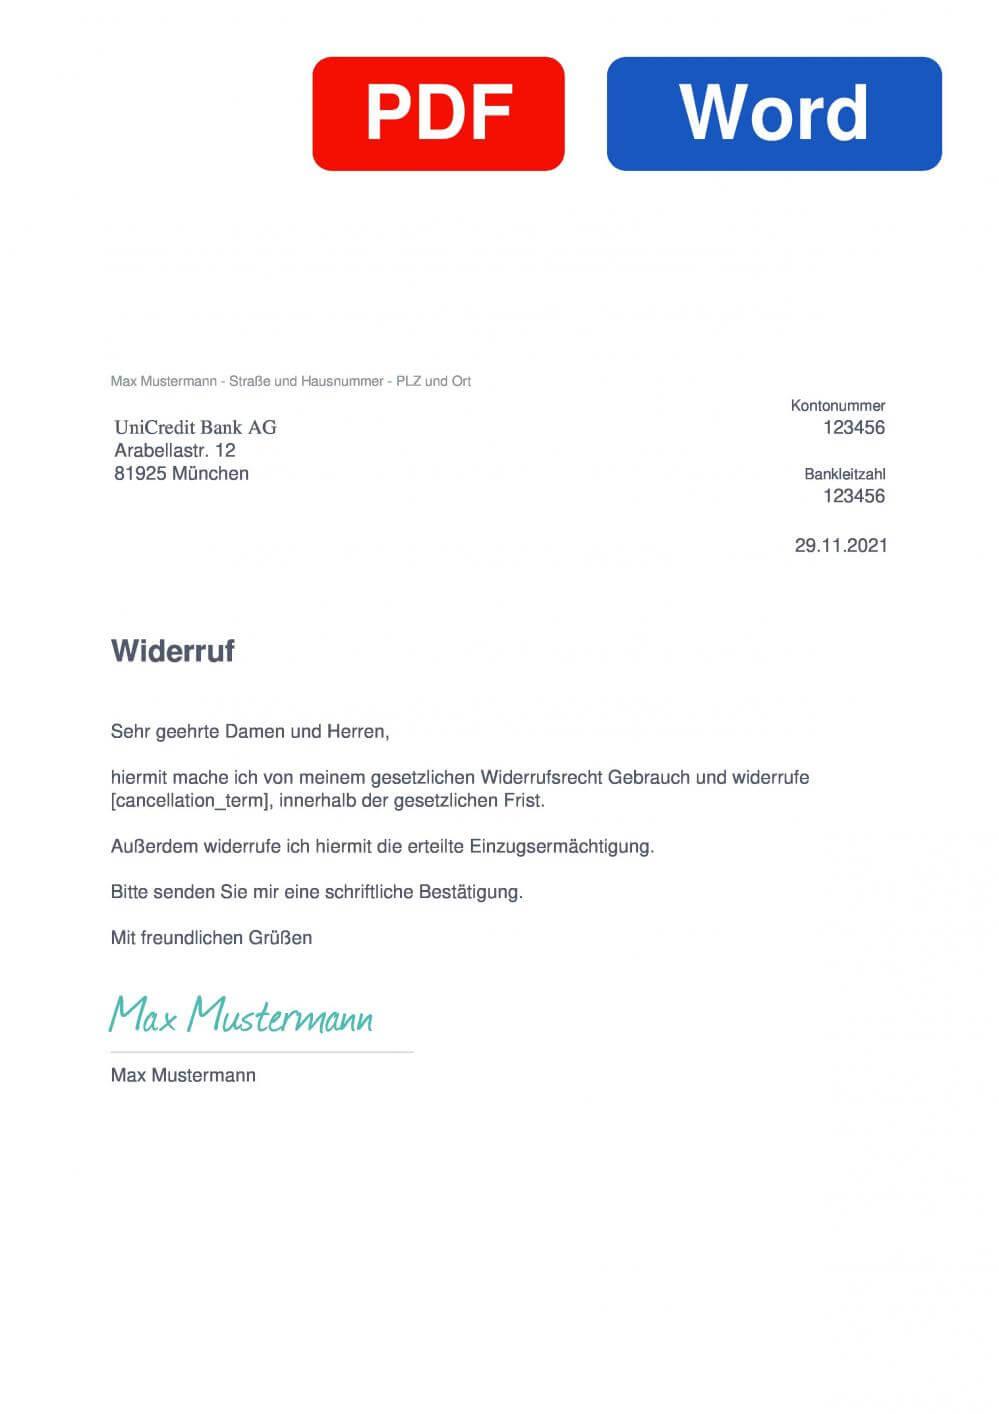 Hypovereinsbank Muster Vorlage für Wiederrufsschreiben